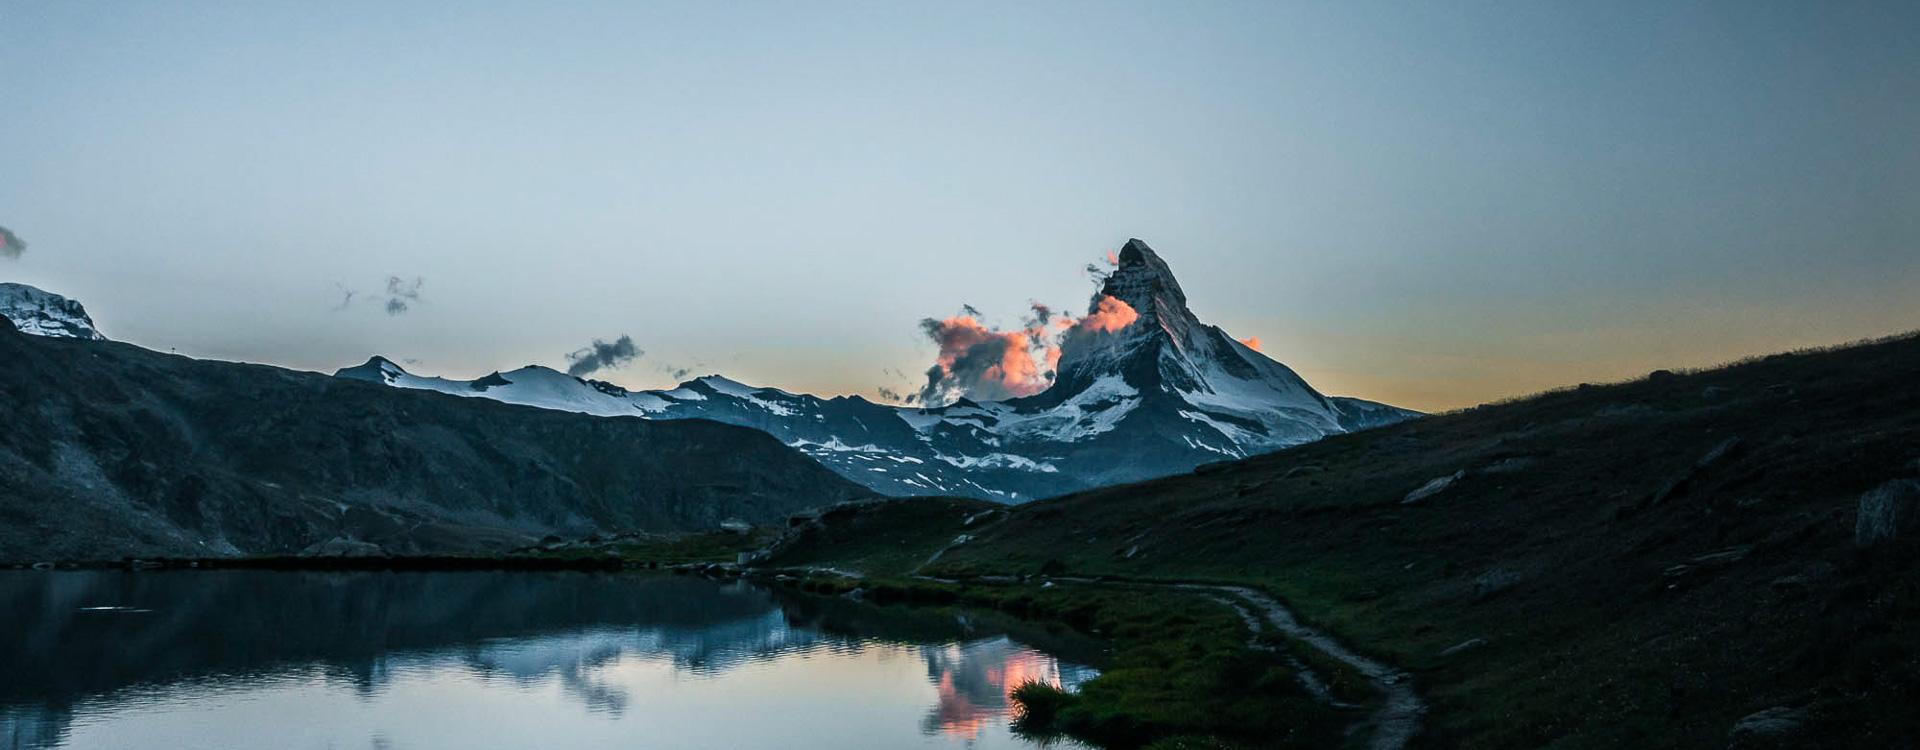 das-matterhorn-im-wallis-auf-der-wandertour-rund-um-zermatt